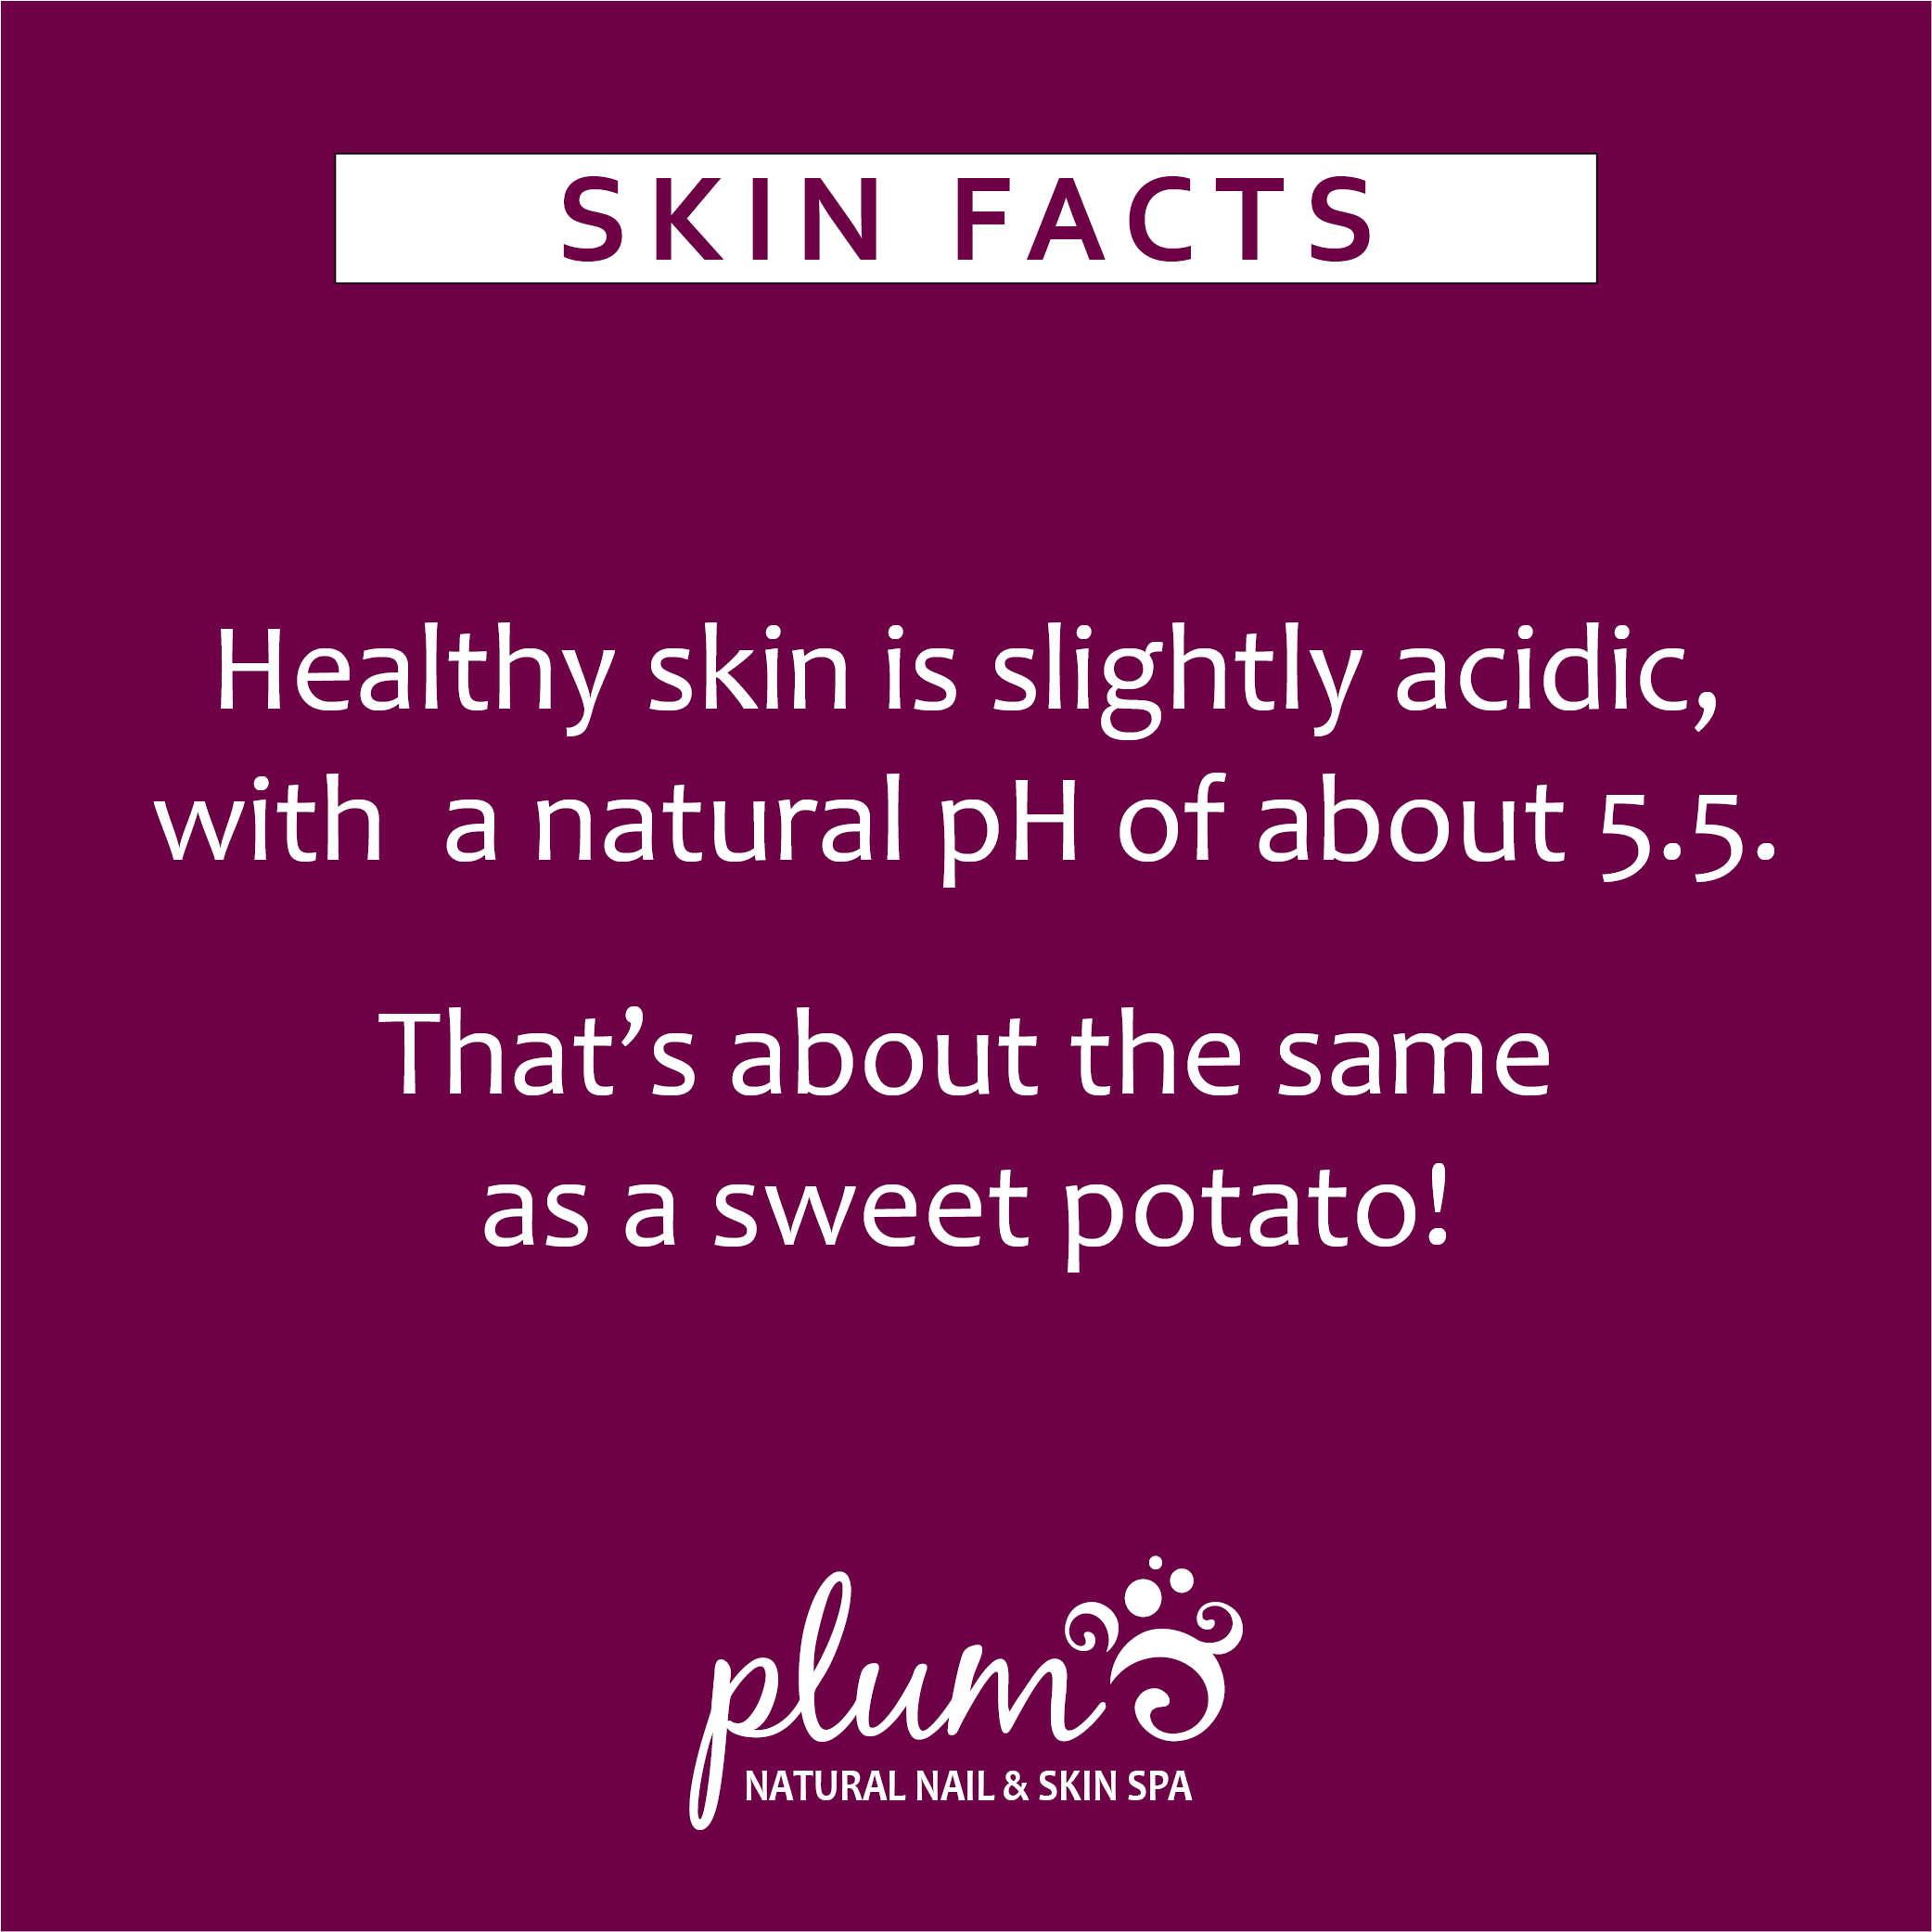 skin fact 1.png